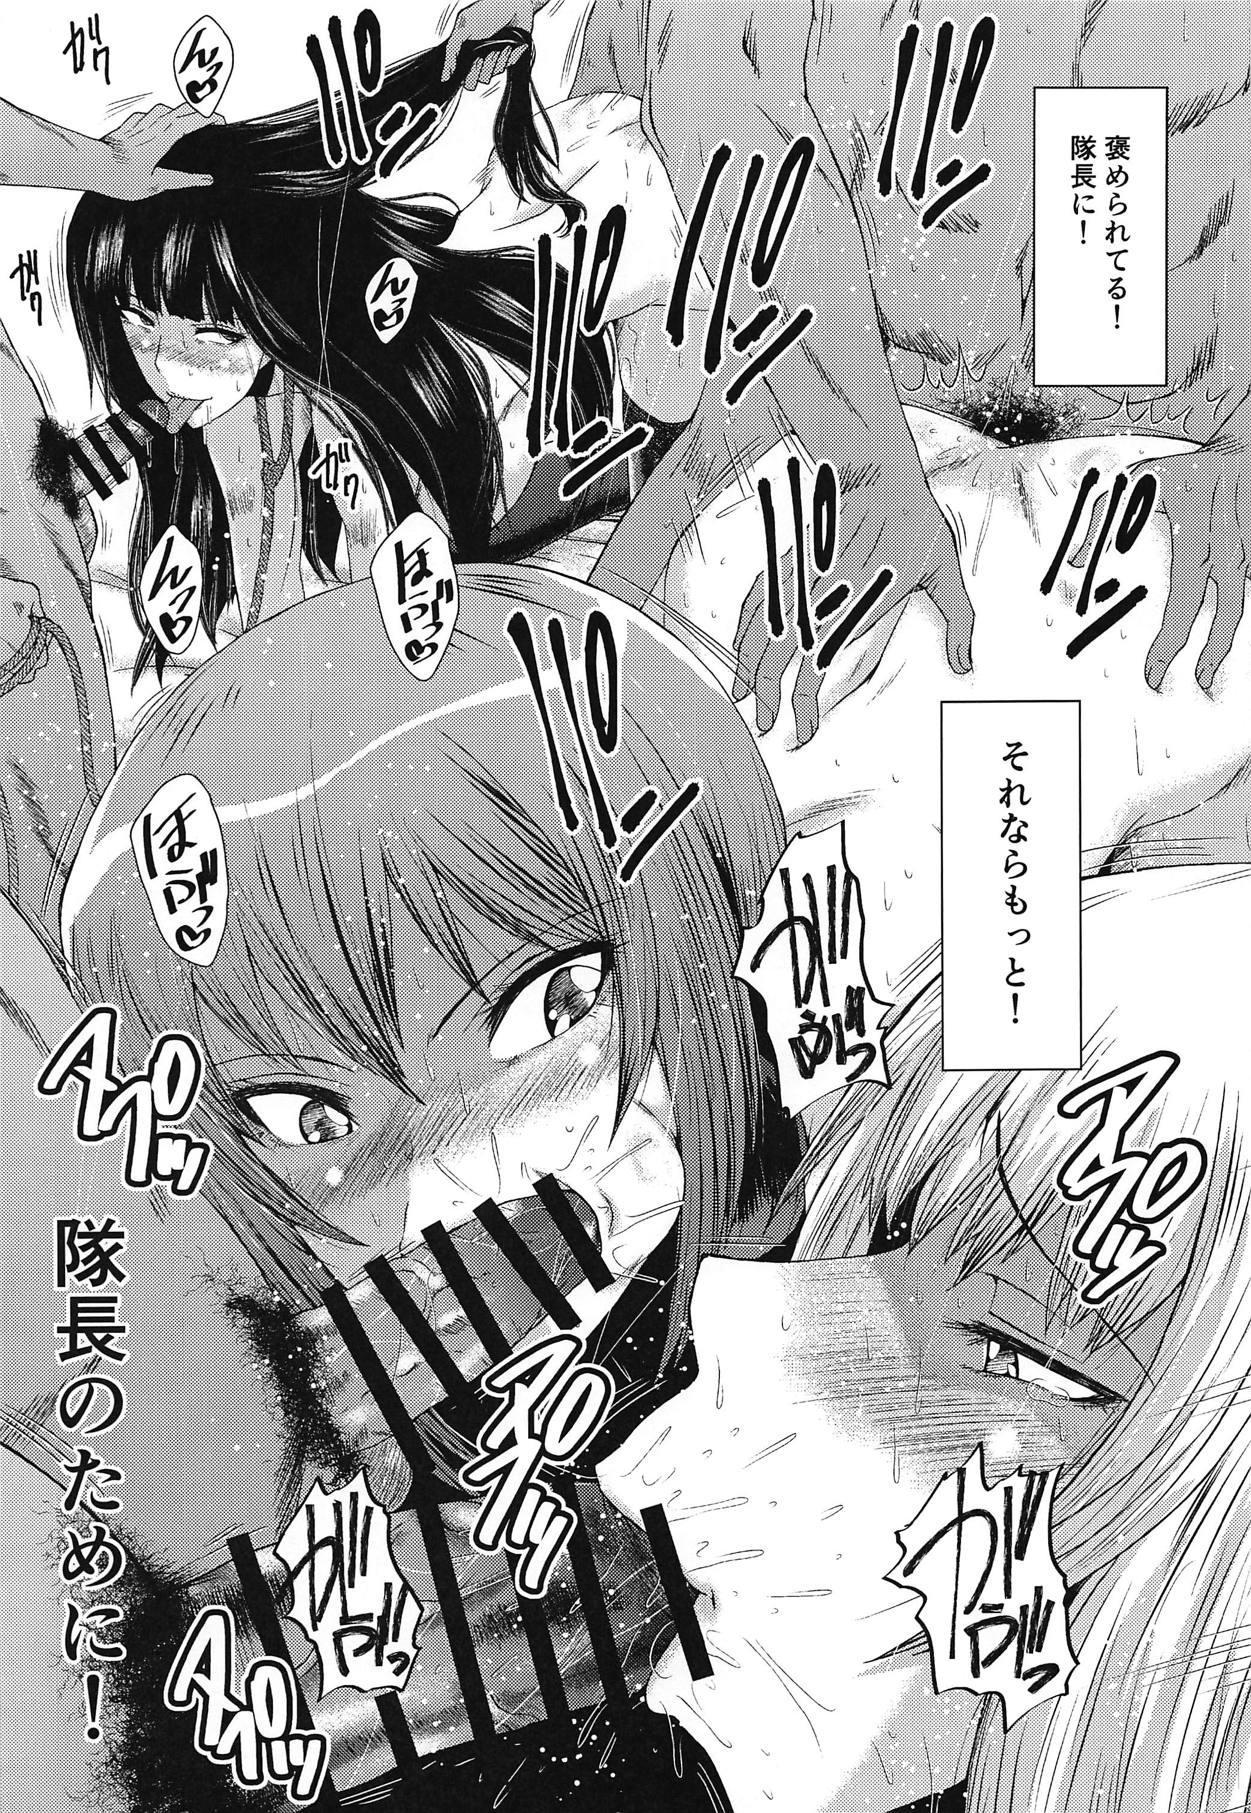 Urabambi Vol. 58 Genfuku Taichou o Seiteki ni Yorokobasechau Hon 13